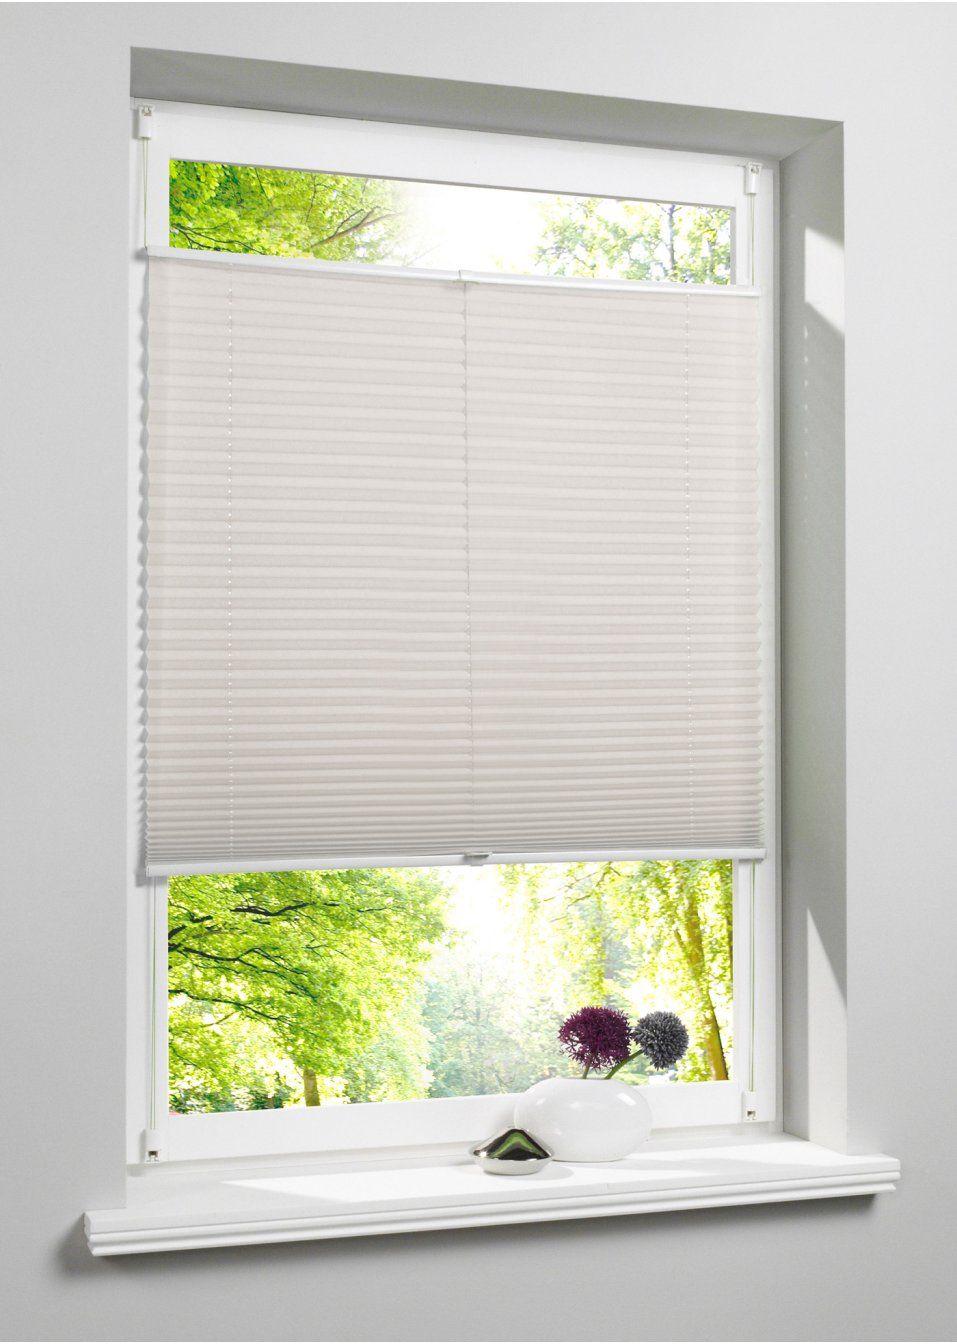 Sichtschutz Ohne Verdunkelung Creme Klemmträger Plissee Ohne Bohren Plissee Vorhänge Fensterflügel